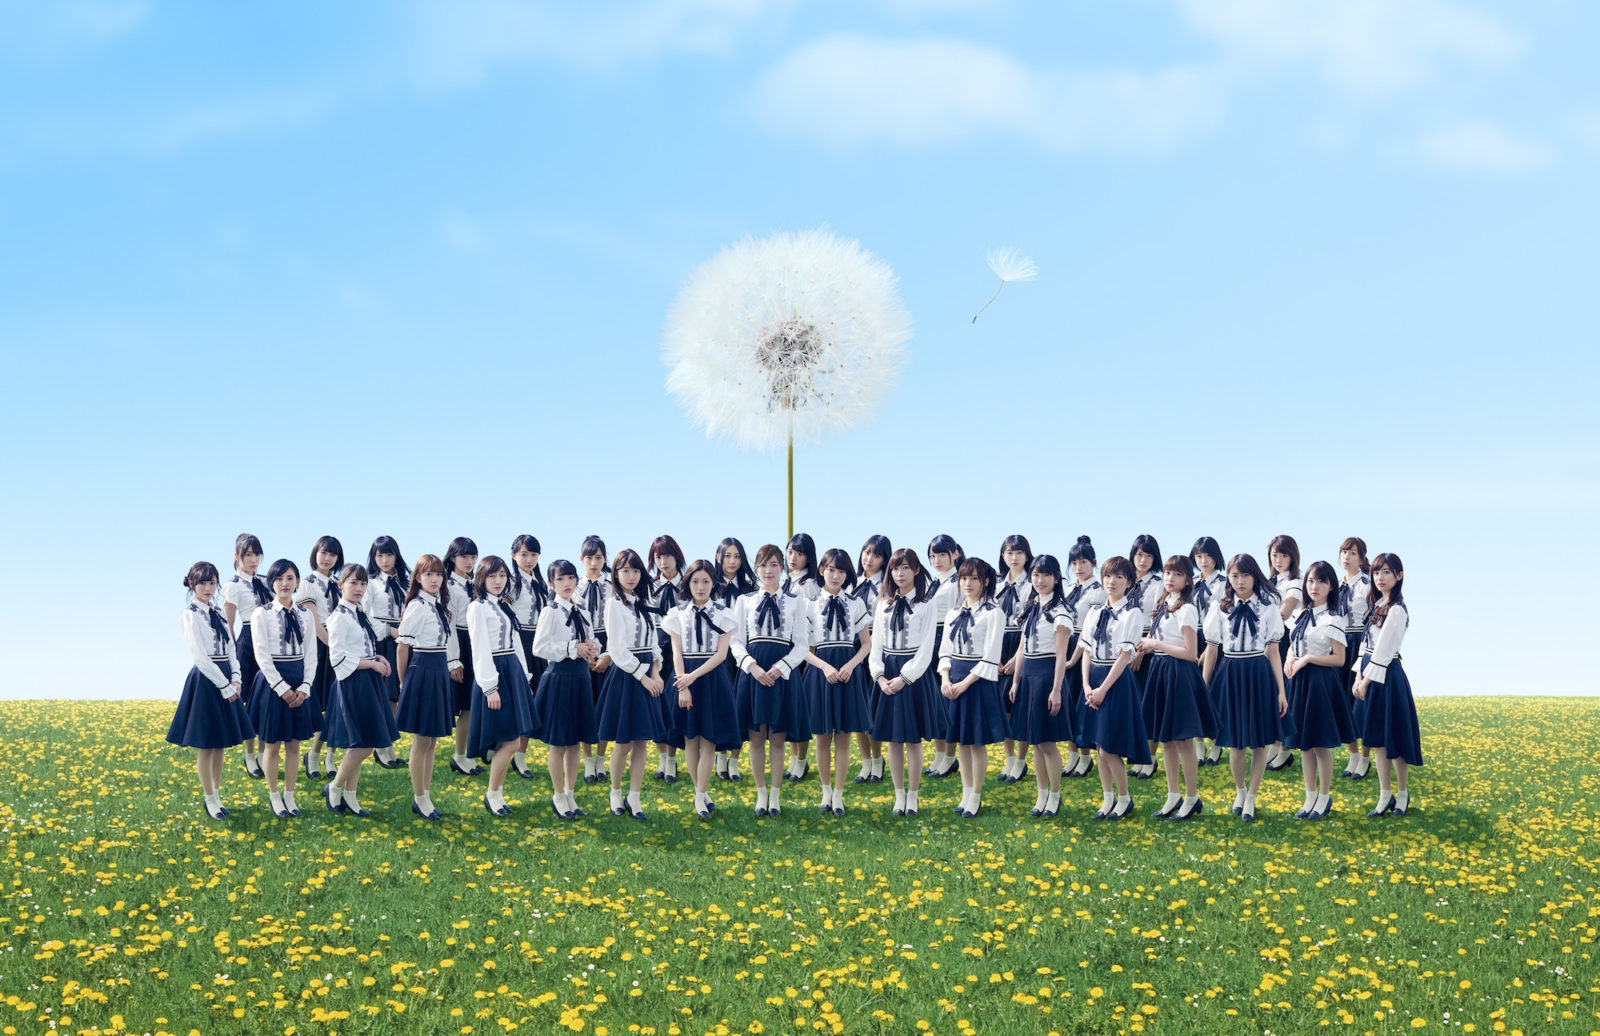 AKB48卒業視野に?峯岸みなみの「方向を考えている」発言に坂上忍も驚きサムネイル画像